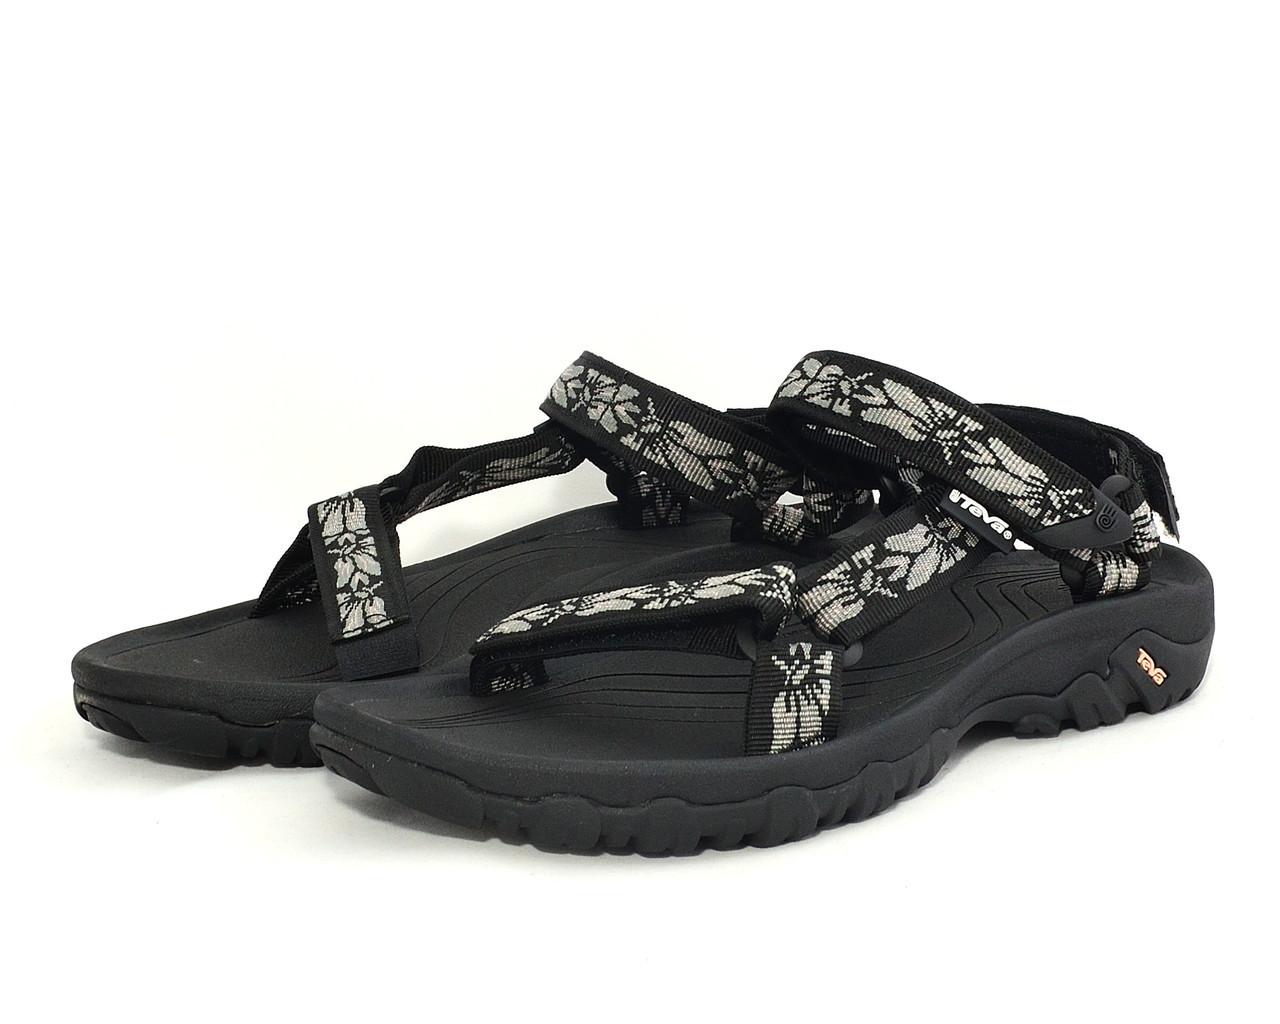 31961aeb457b Teva Hurricane XLT vegan women s sandal